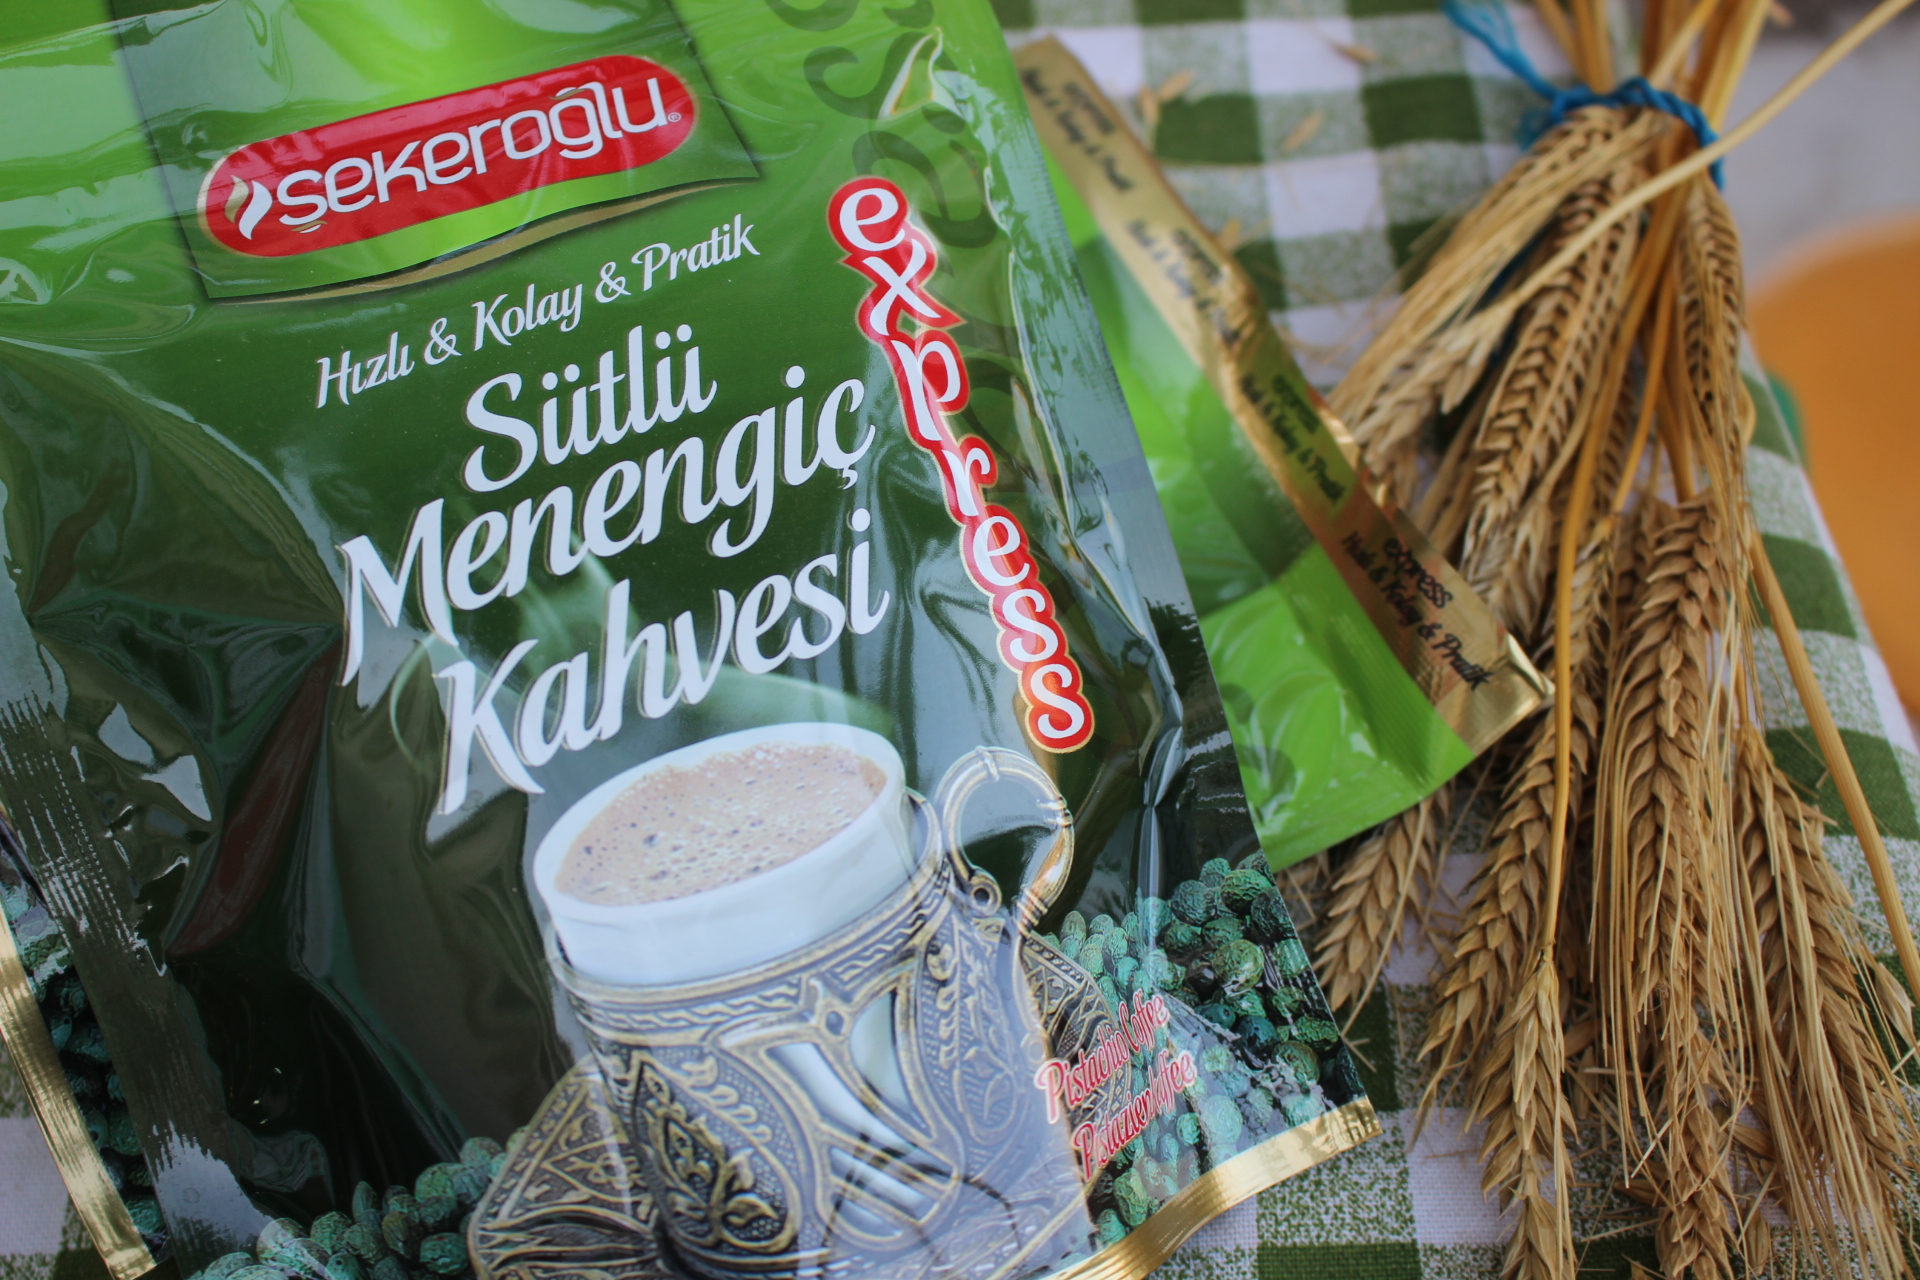 Şekeroğlu Sütlü Toz Menengiç kahvesi (200 Gr)